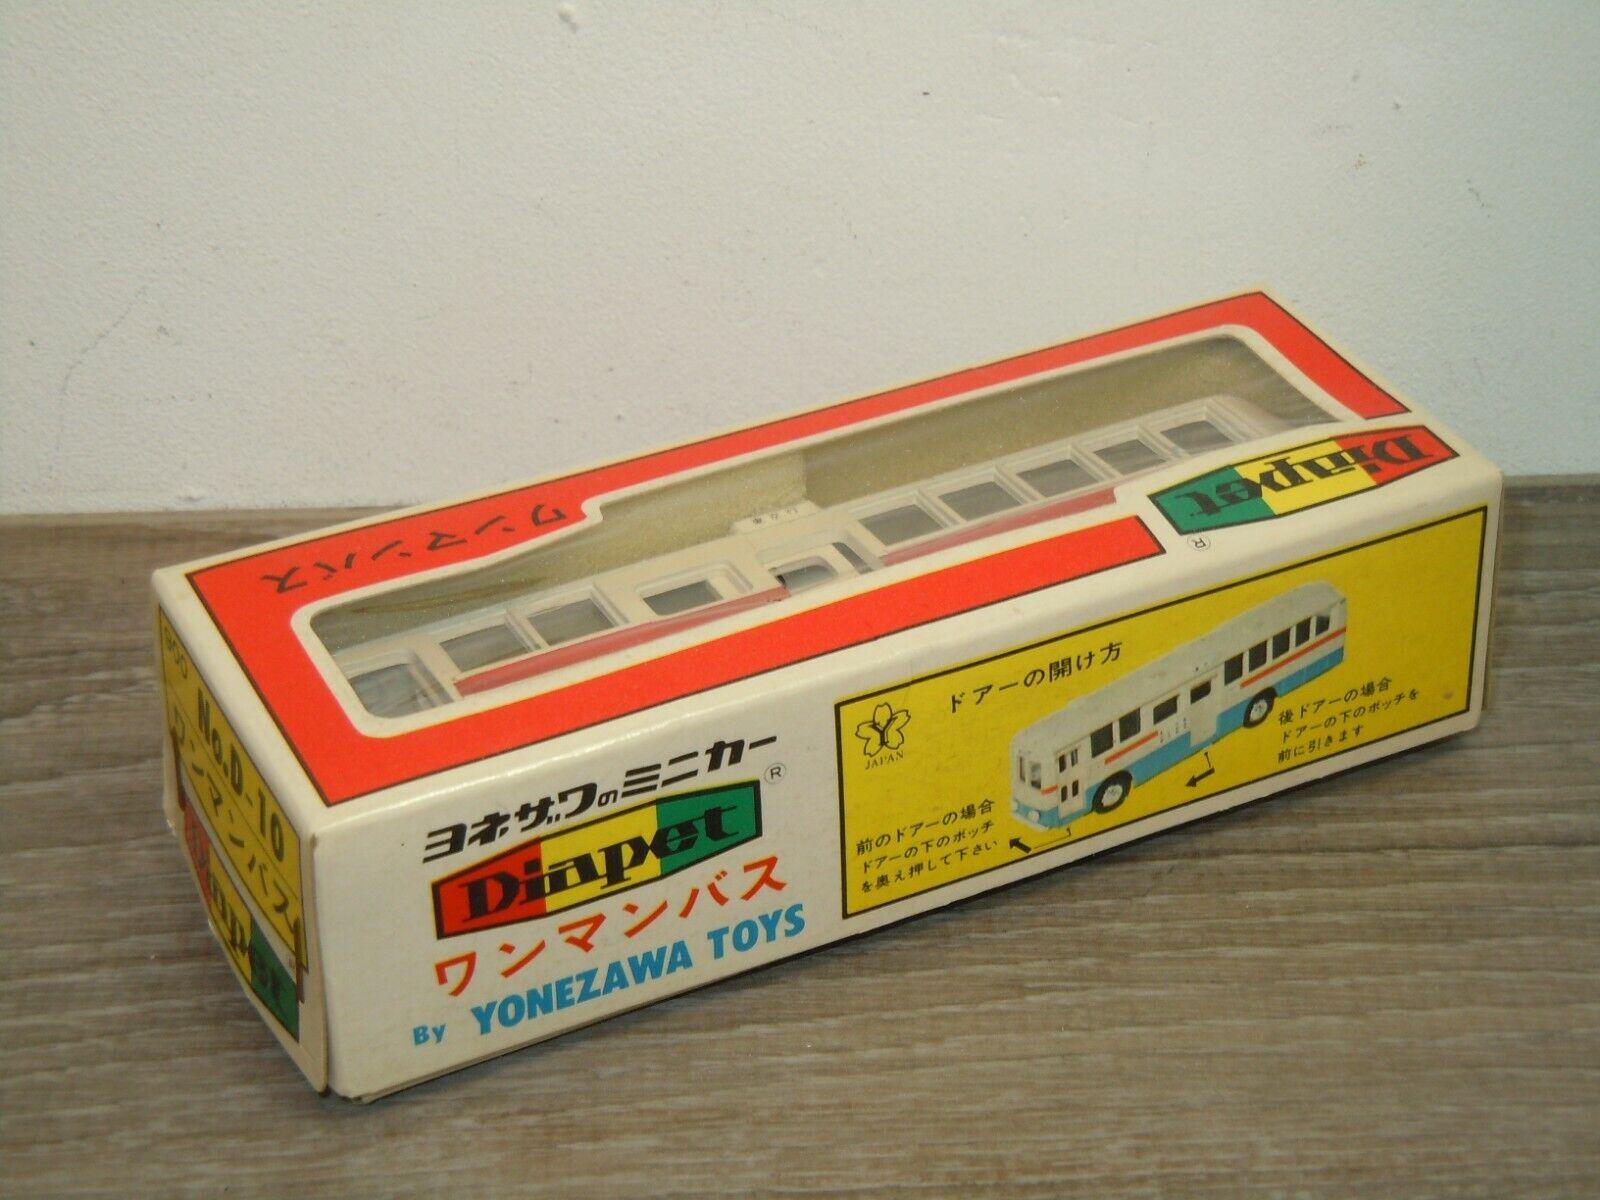 City Bus van van van Diapet Yonezawa Toys D-10 Japan in Box 36690 442464